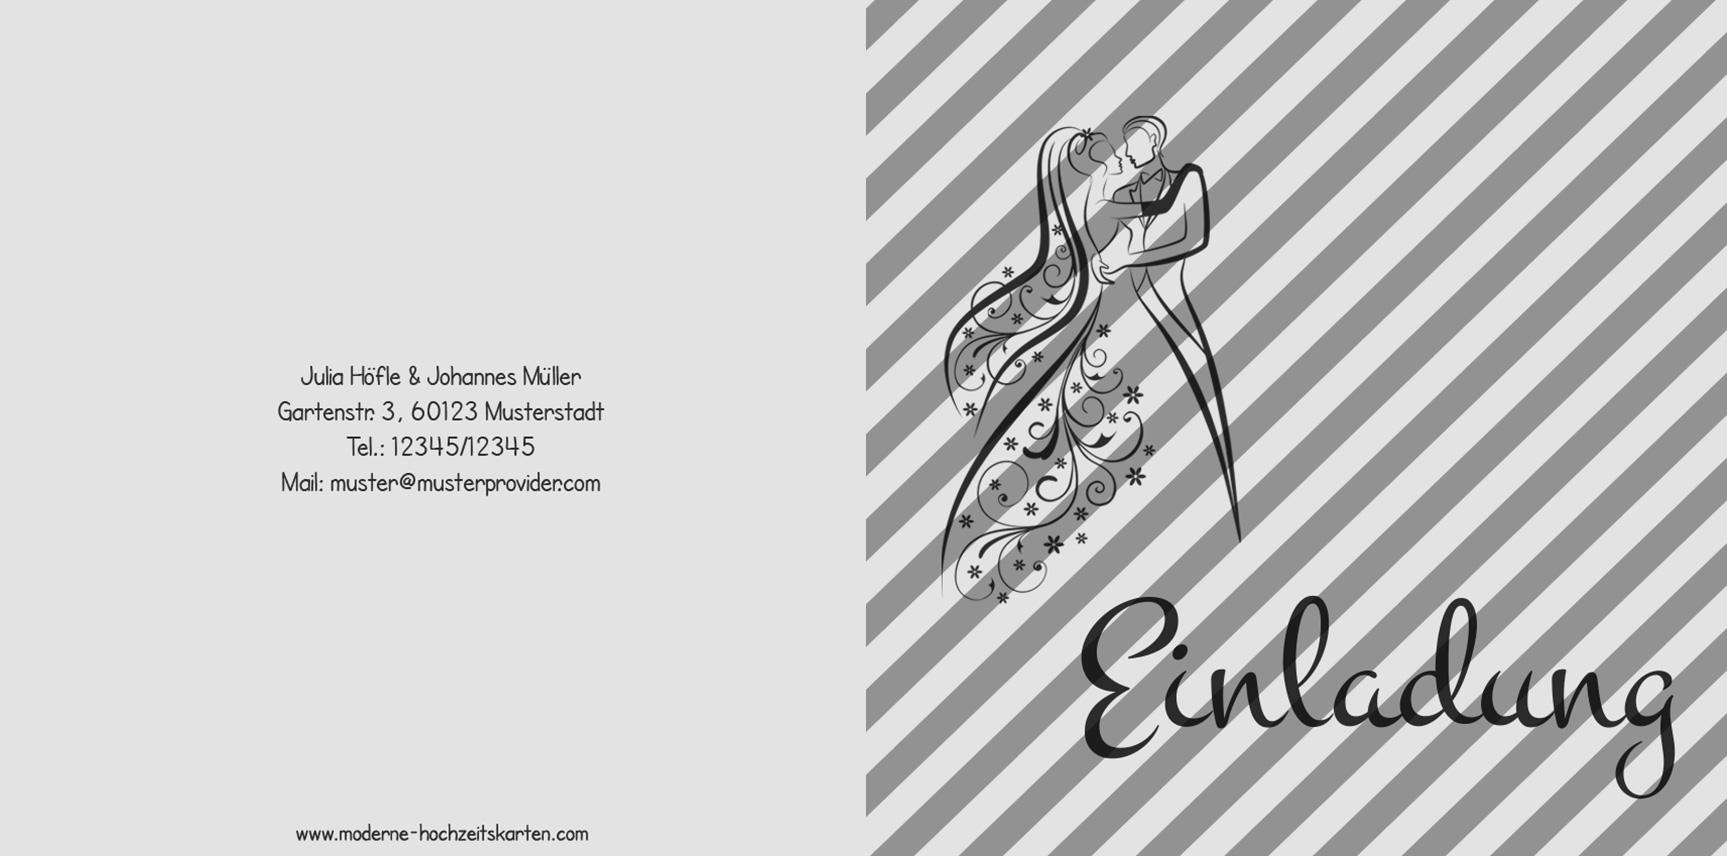 004_EKQ_editor-al